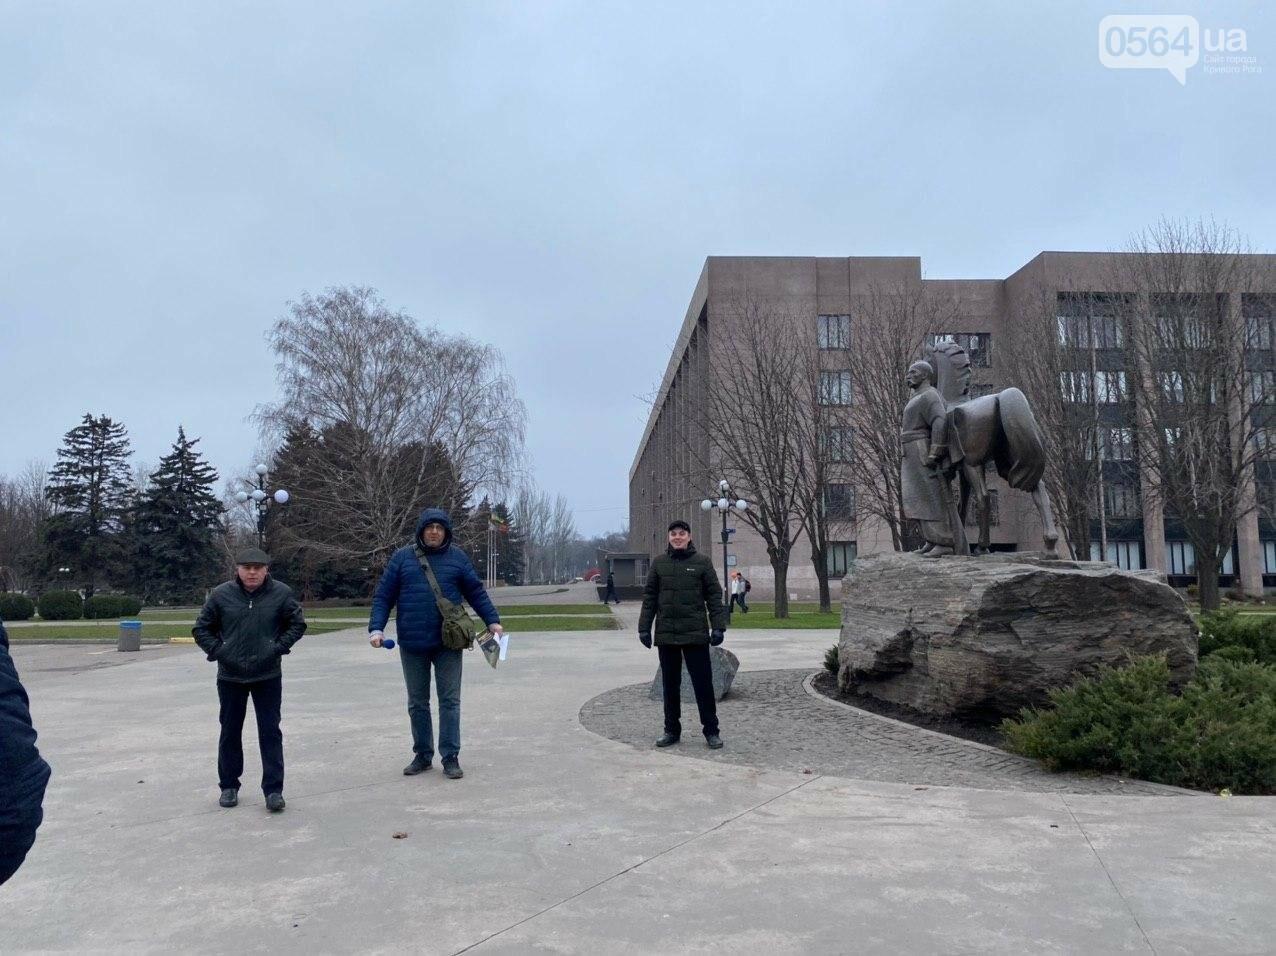 Криворожане записали видеообращение к земляку-президенту и рассказали, как ему убивают рейтинги в городе, - ФОТО, ВИДЕО , фото-14